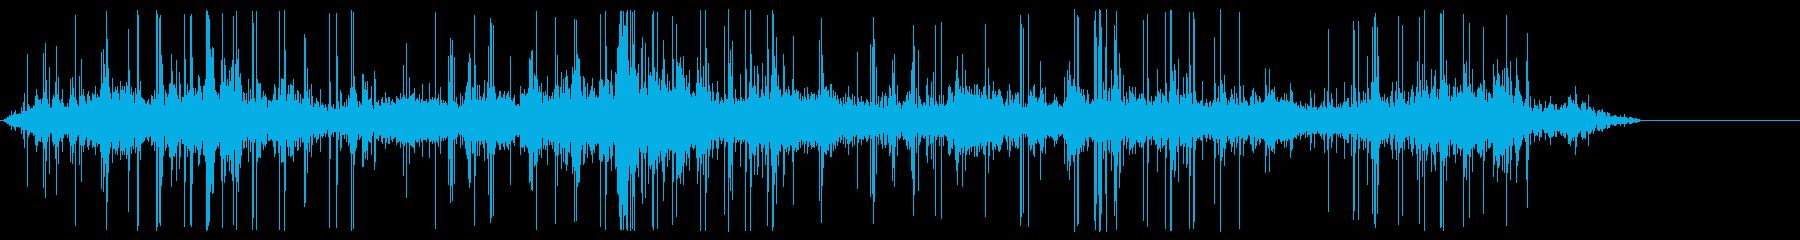 ホッケー;スティック、ハンドリング...の再生済みの波形